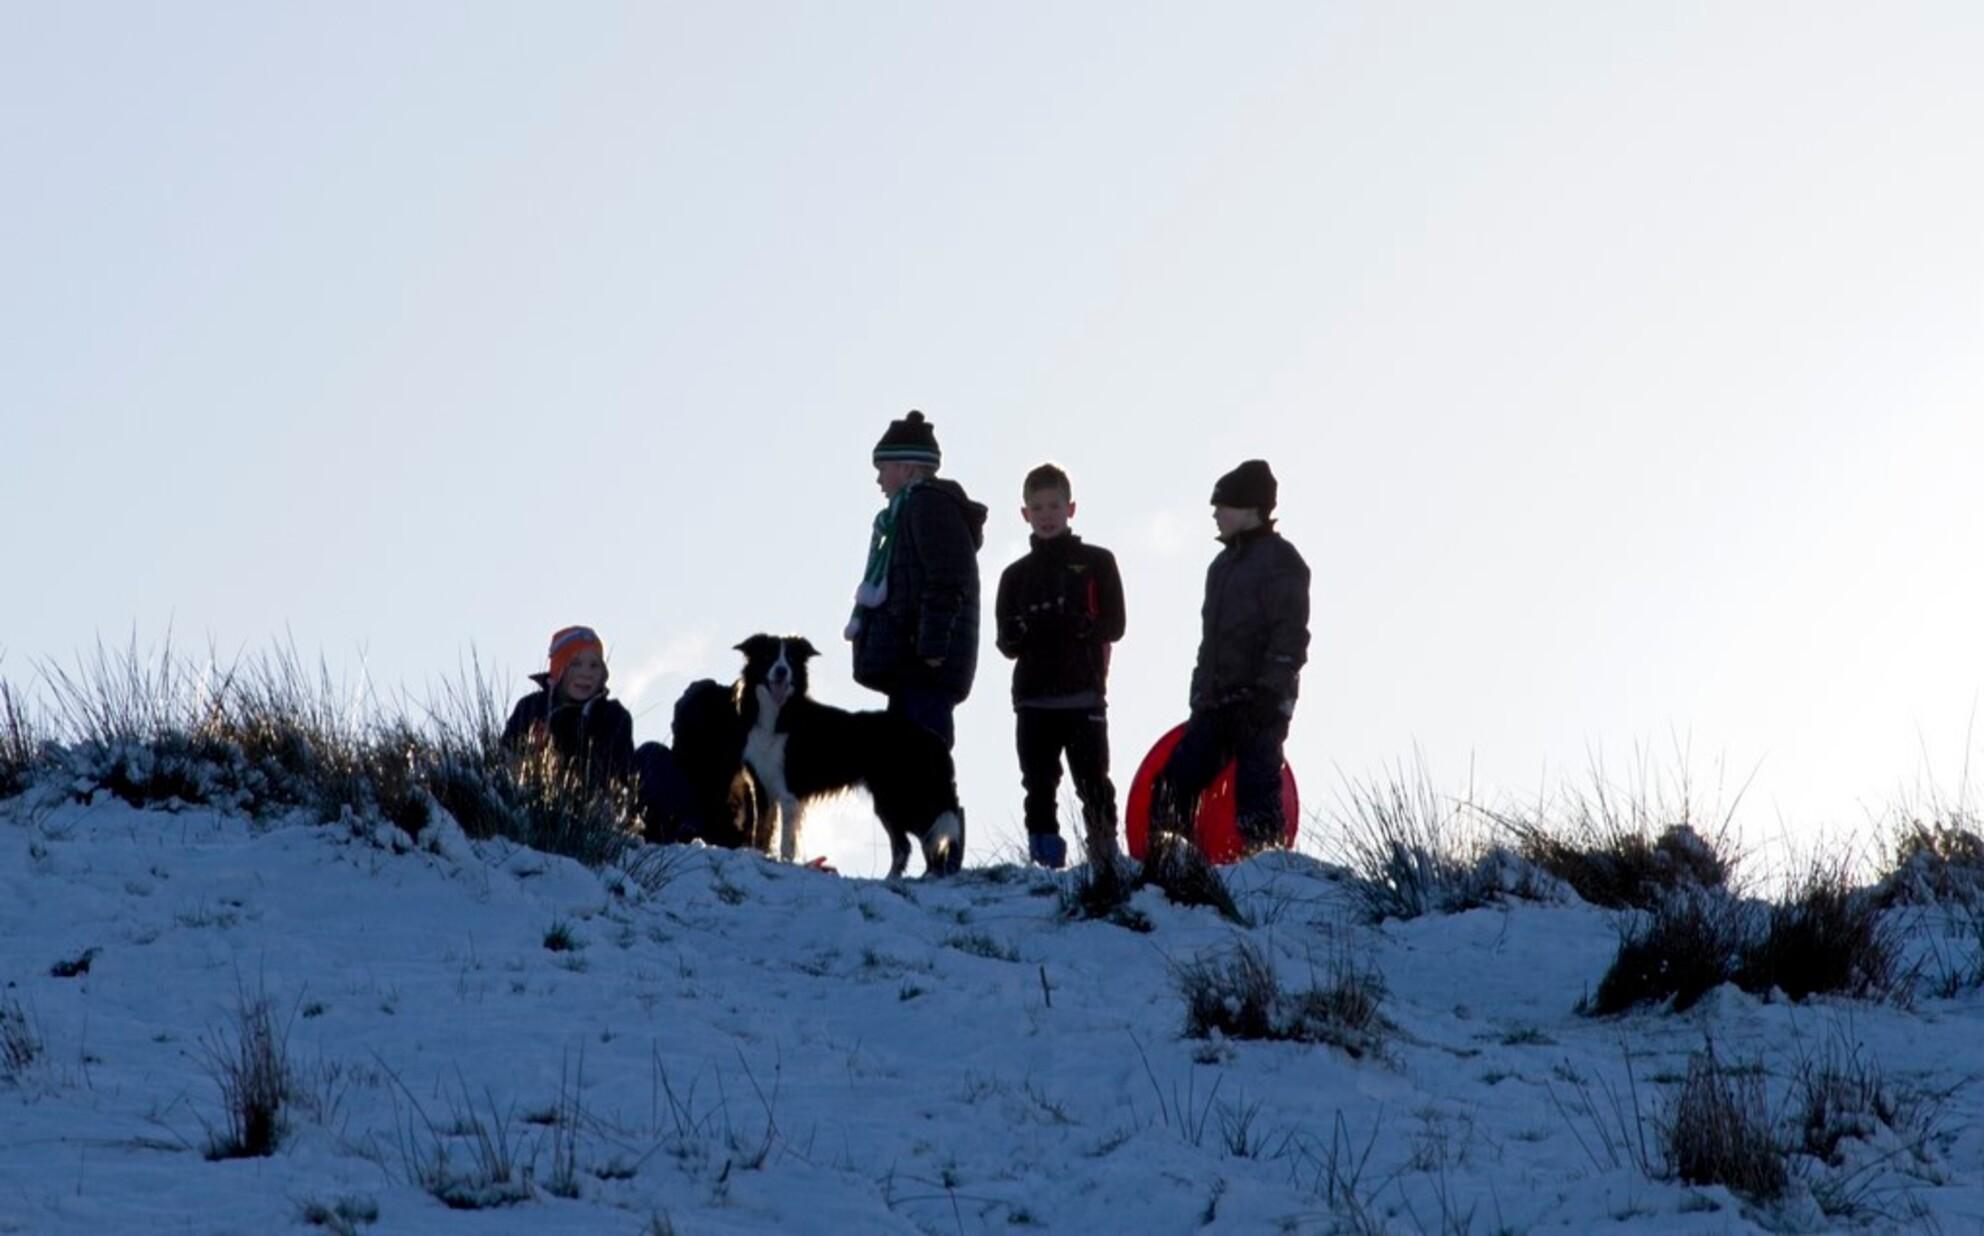 Wachten - Ik weet dat niet alle kinderen kijken. Maar, vond het toch wel iets moois uitstralen. De kinderen staan te wachten. Totdat ze met de slee van de VAM - foto door Jaqueline01 op 17-01-2016 - deze foto bevat: sneeuw, winter, hond, kinderen, heuvel, slee - Deze foto mag gebruikt worden in een Zoom.nl publicatie